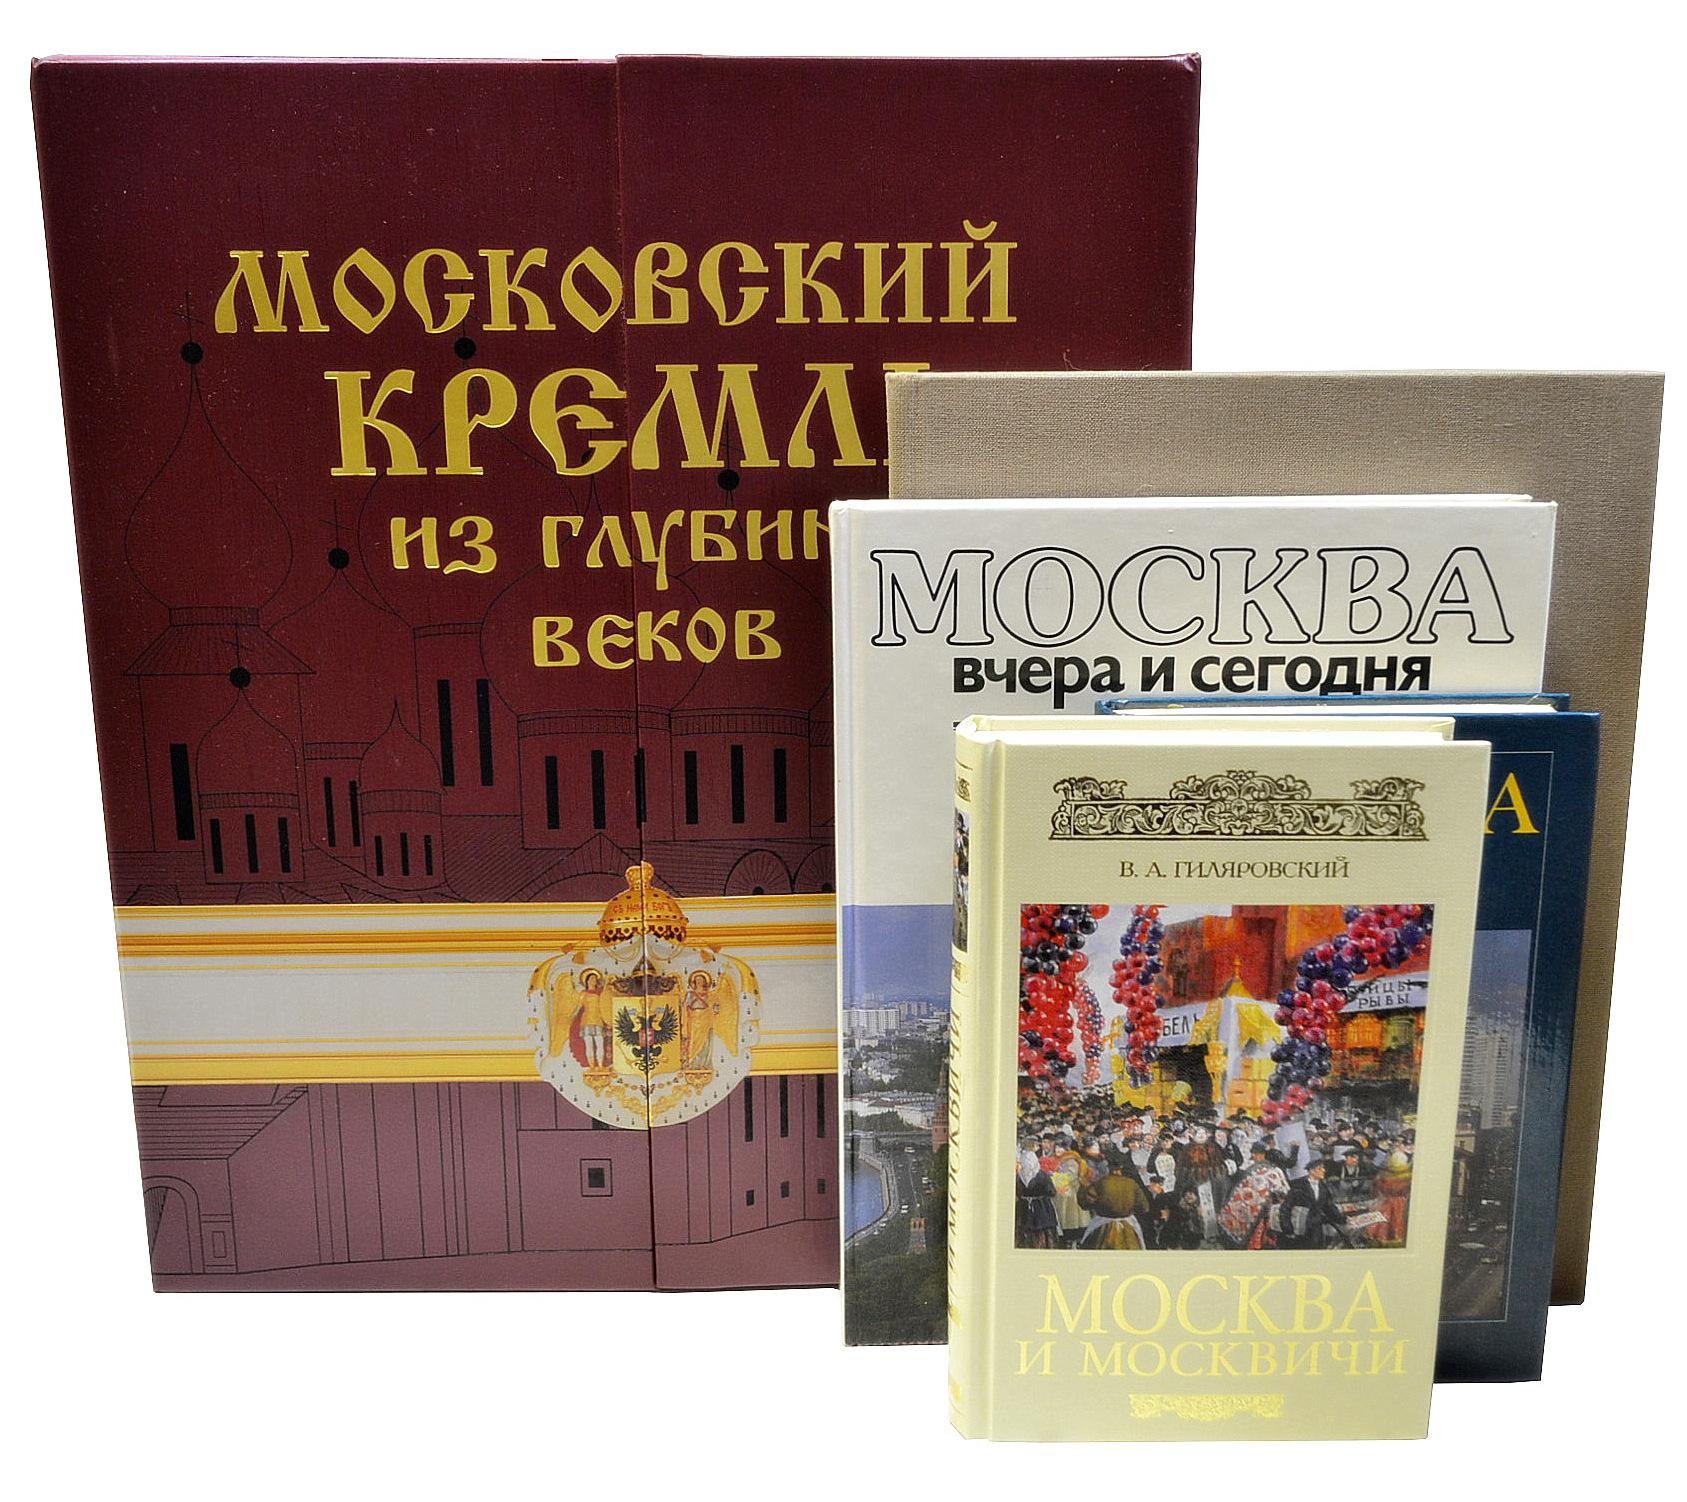 Серия Образ твой, Москва  (комплект из 5 книг) серия любимое чтение комплект из 5 книг